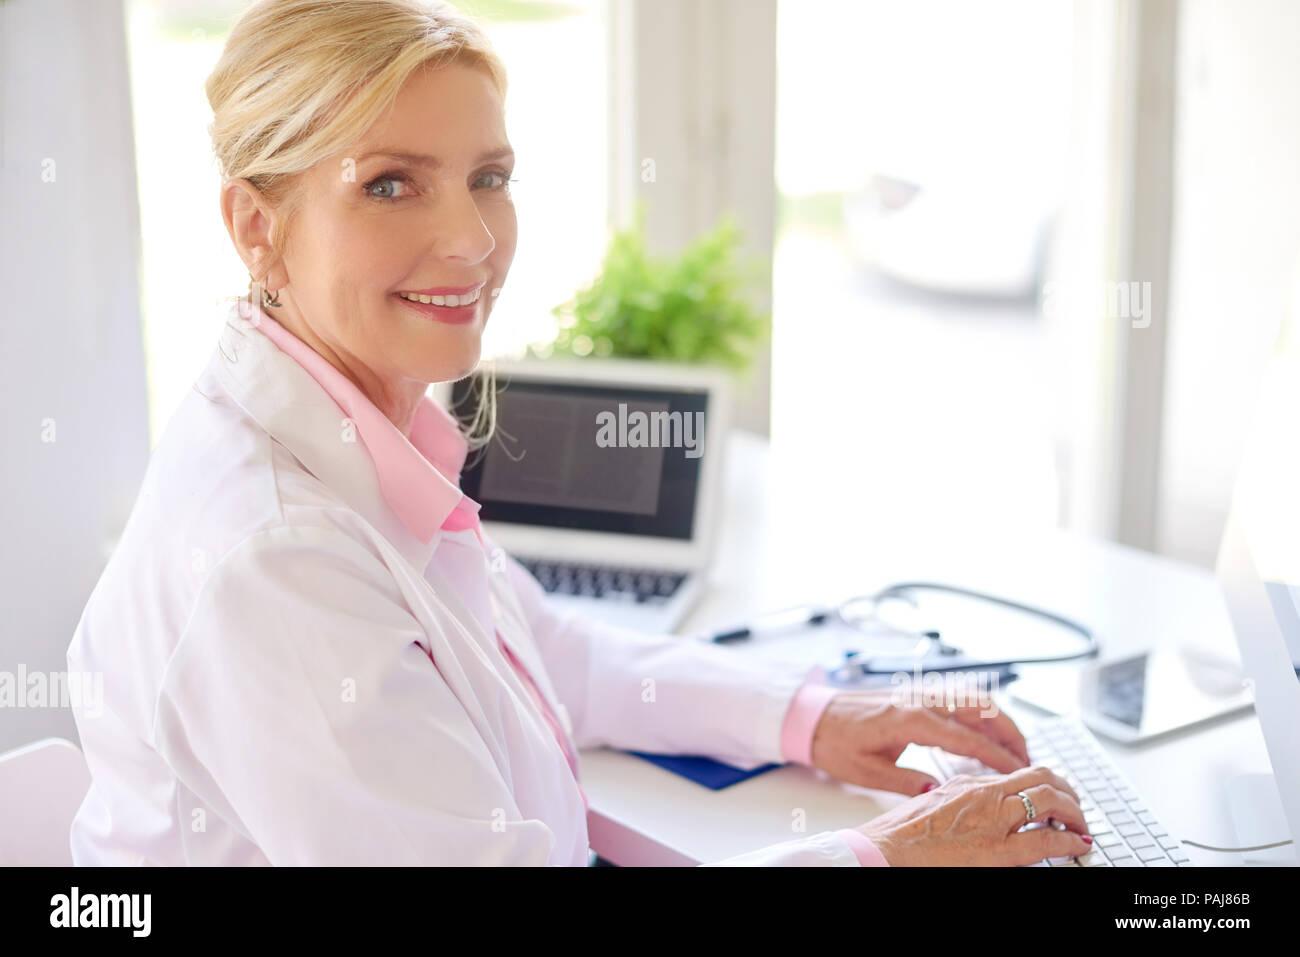 Sorridente senior femminile medico di ricerca utilizzando il computer portatile e mentre si lavora alla scrivania. Immagini Stock